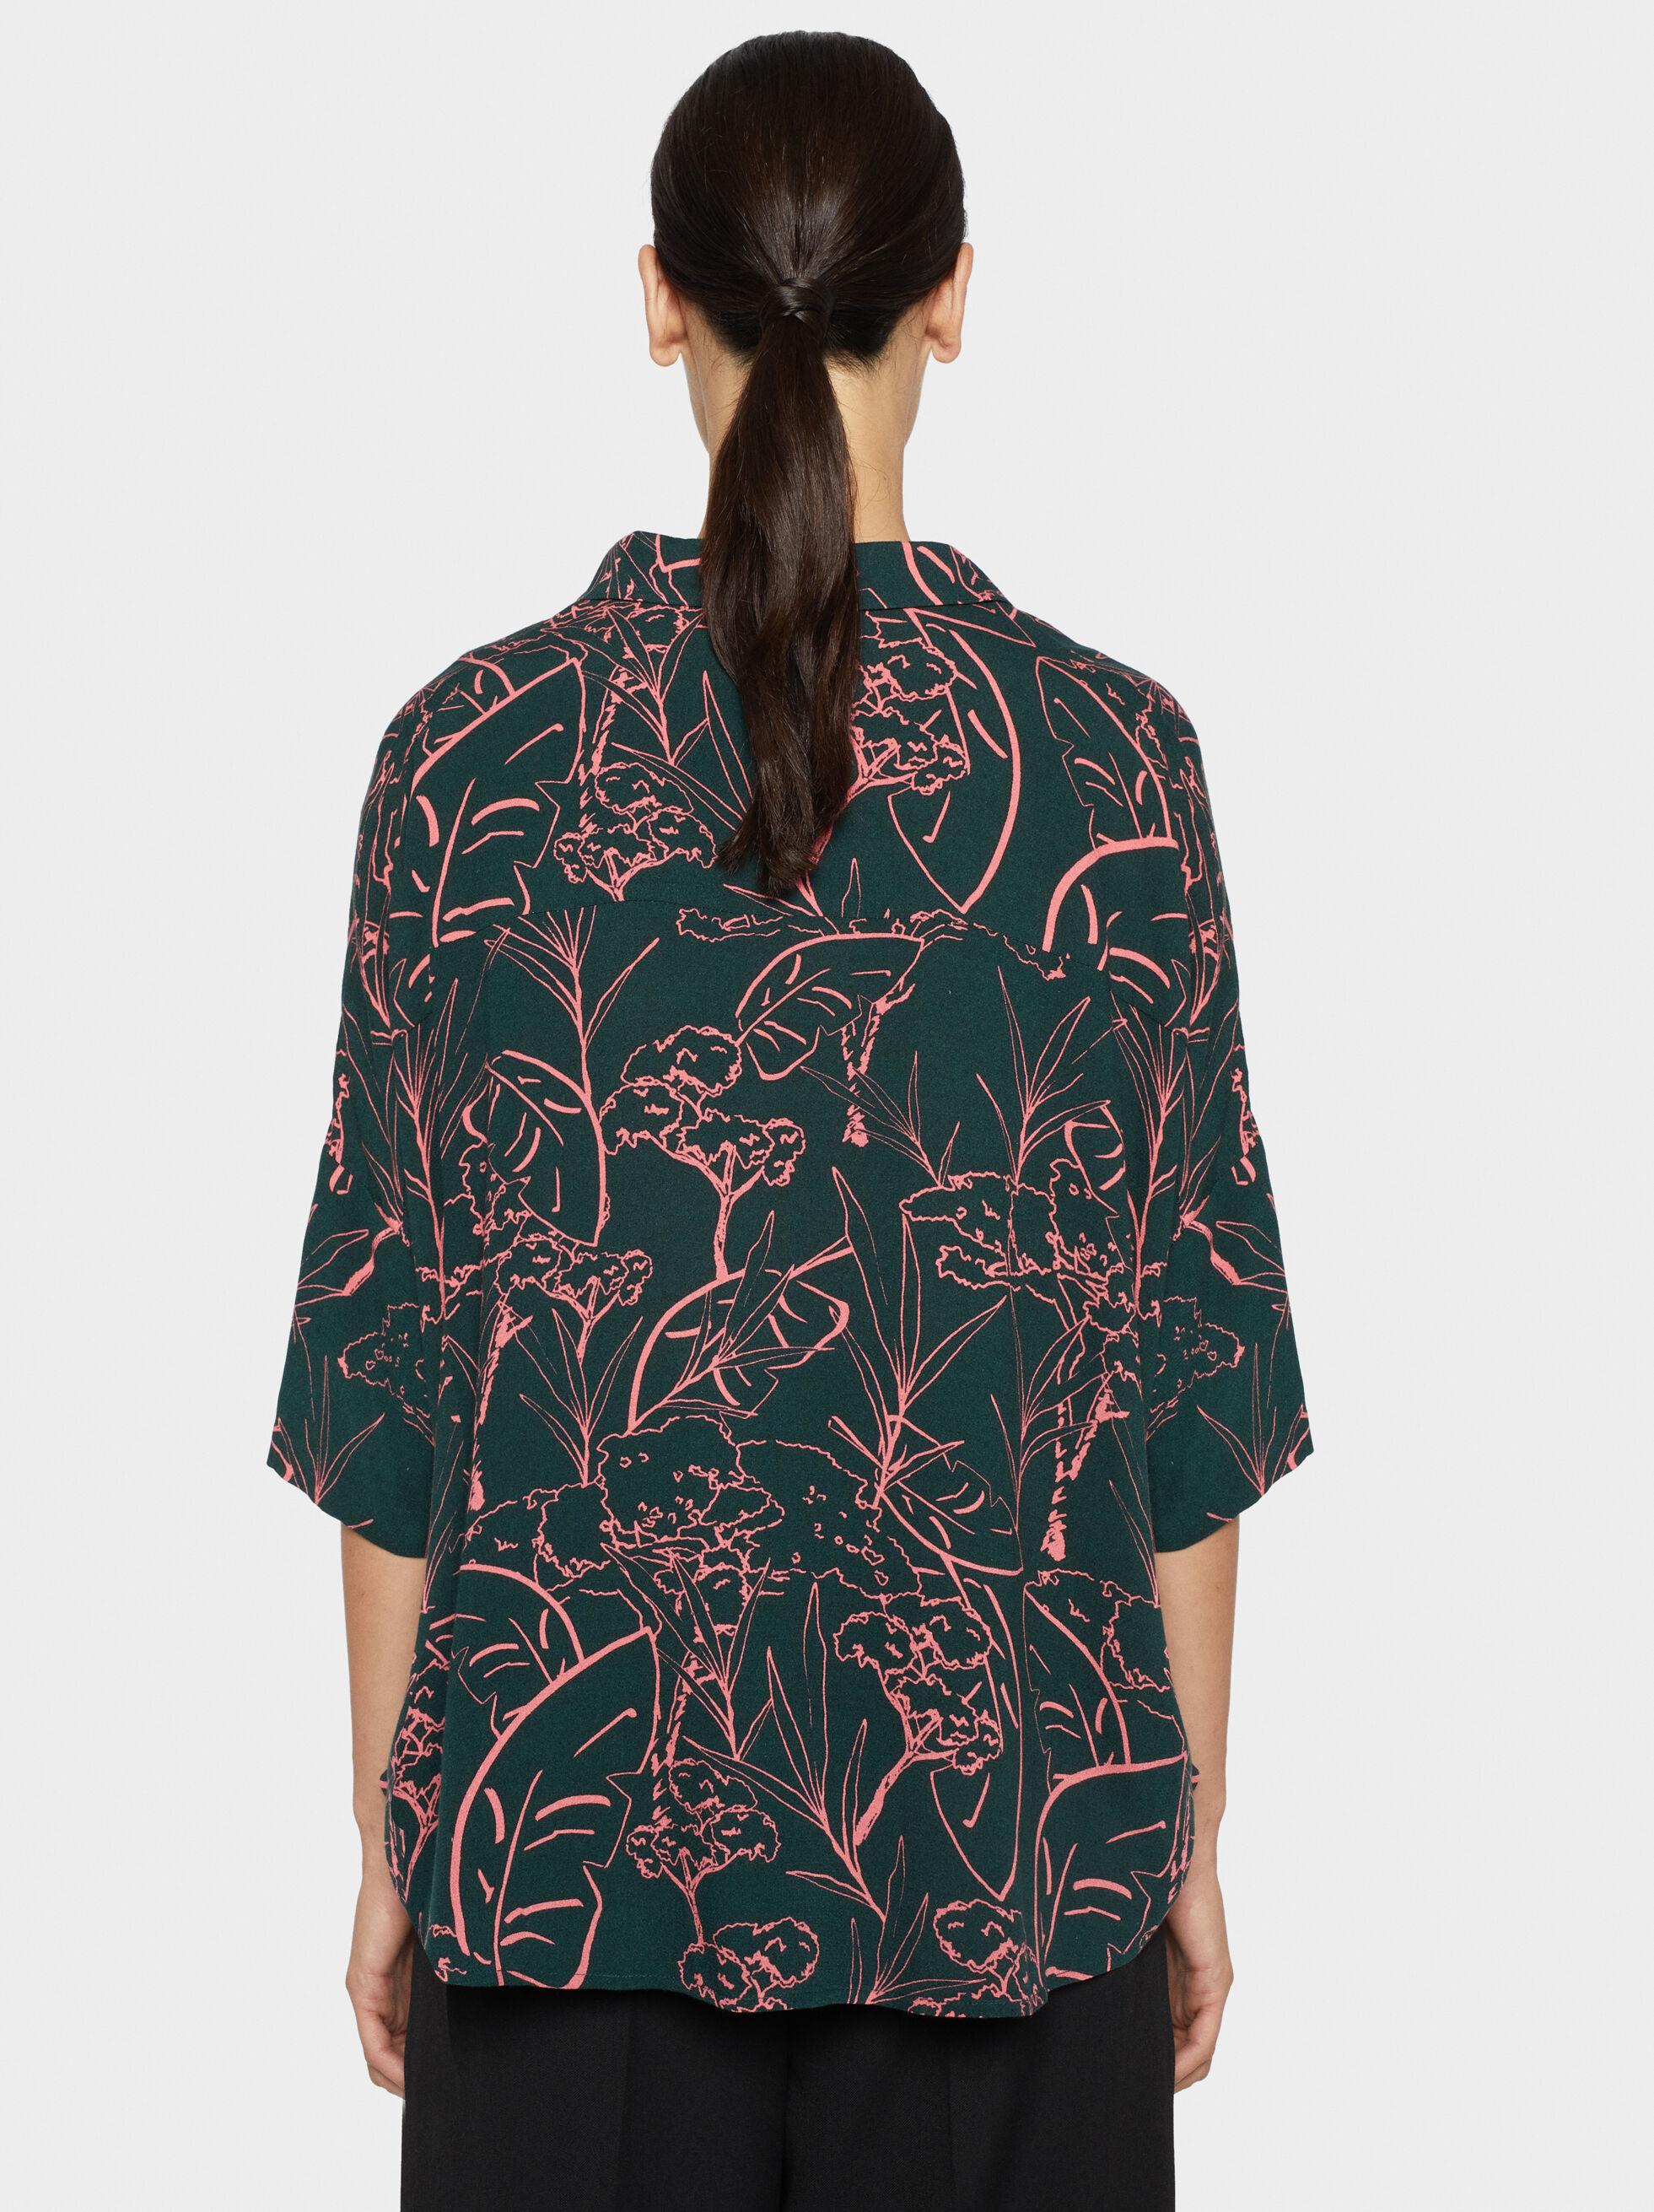 Floral Print Shirt, Green, hi-res